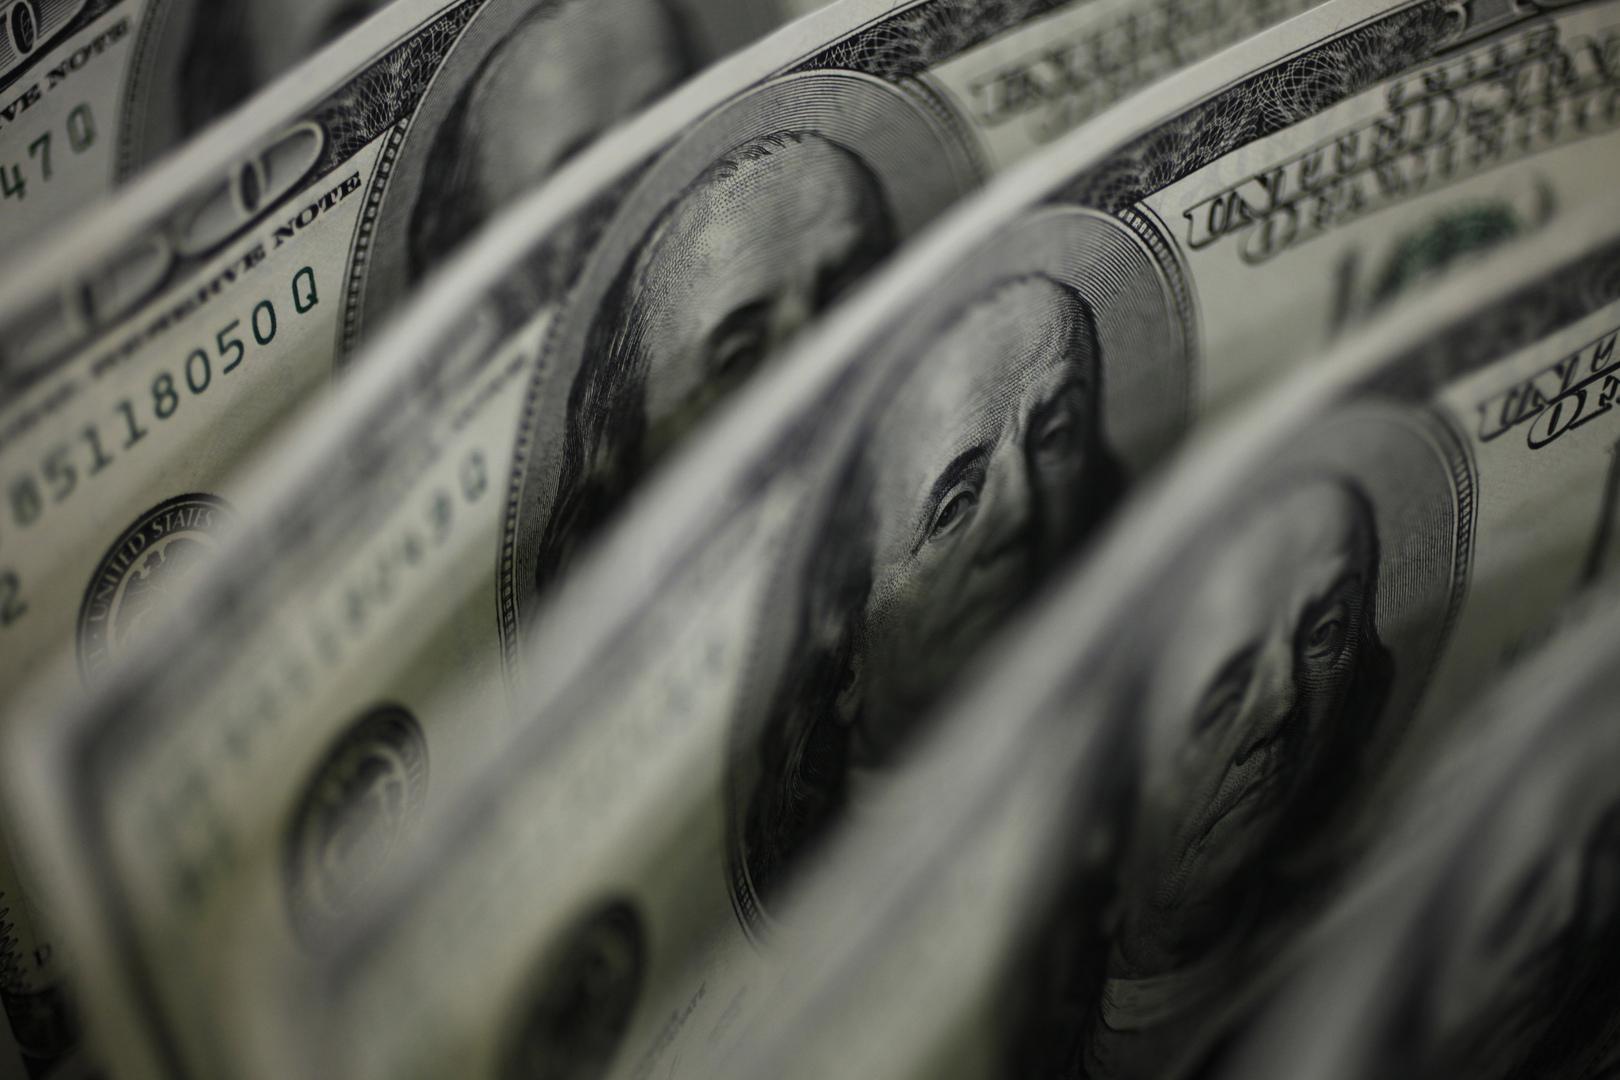 الدولار يرتفع بعد إعلان لوزير الخزانة الأمريكي